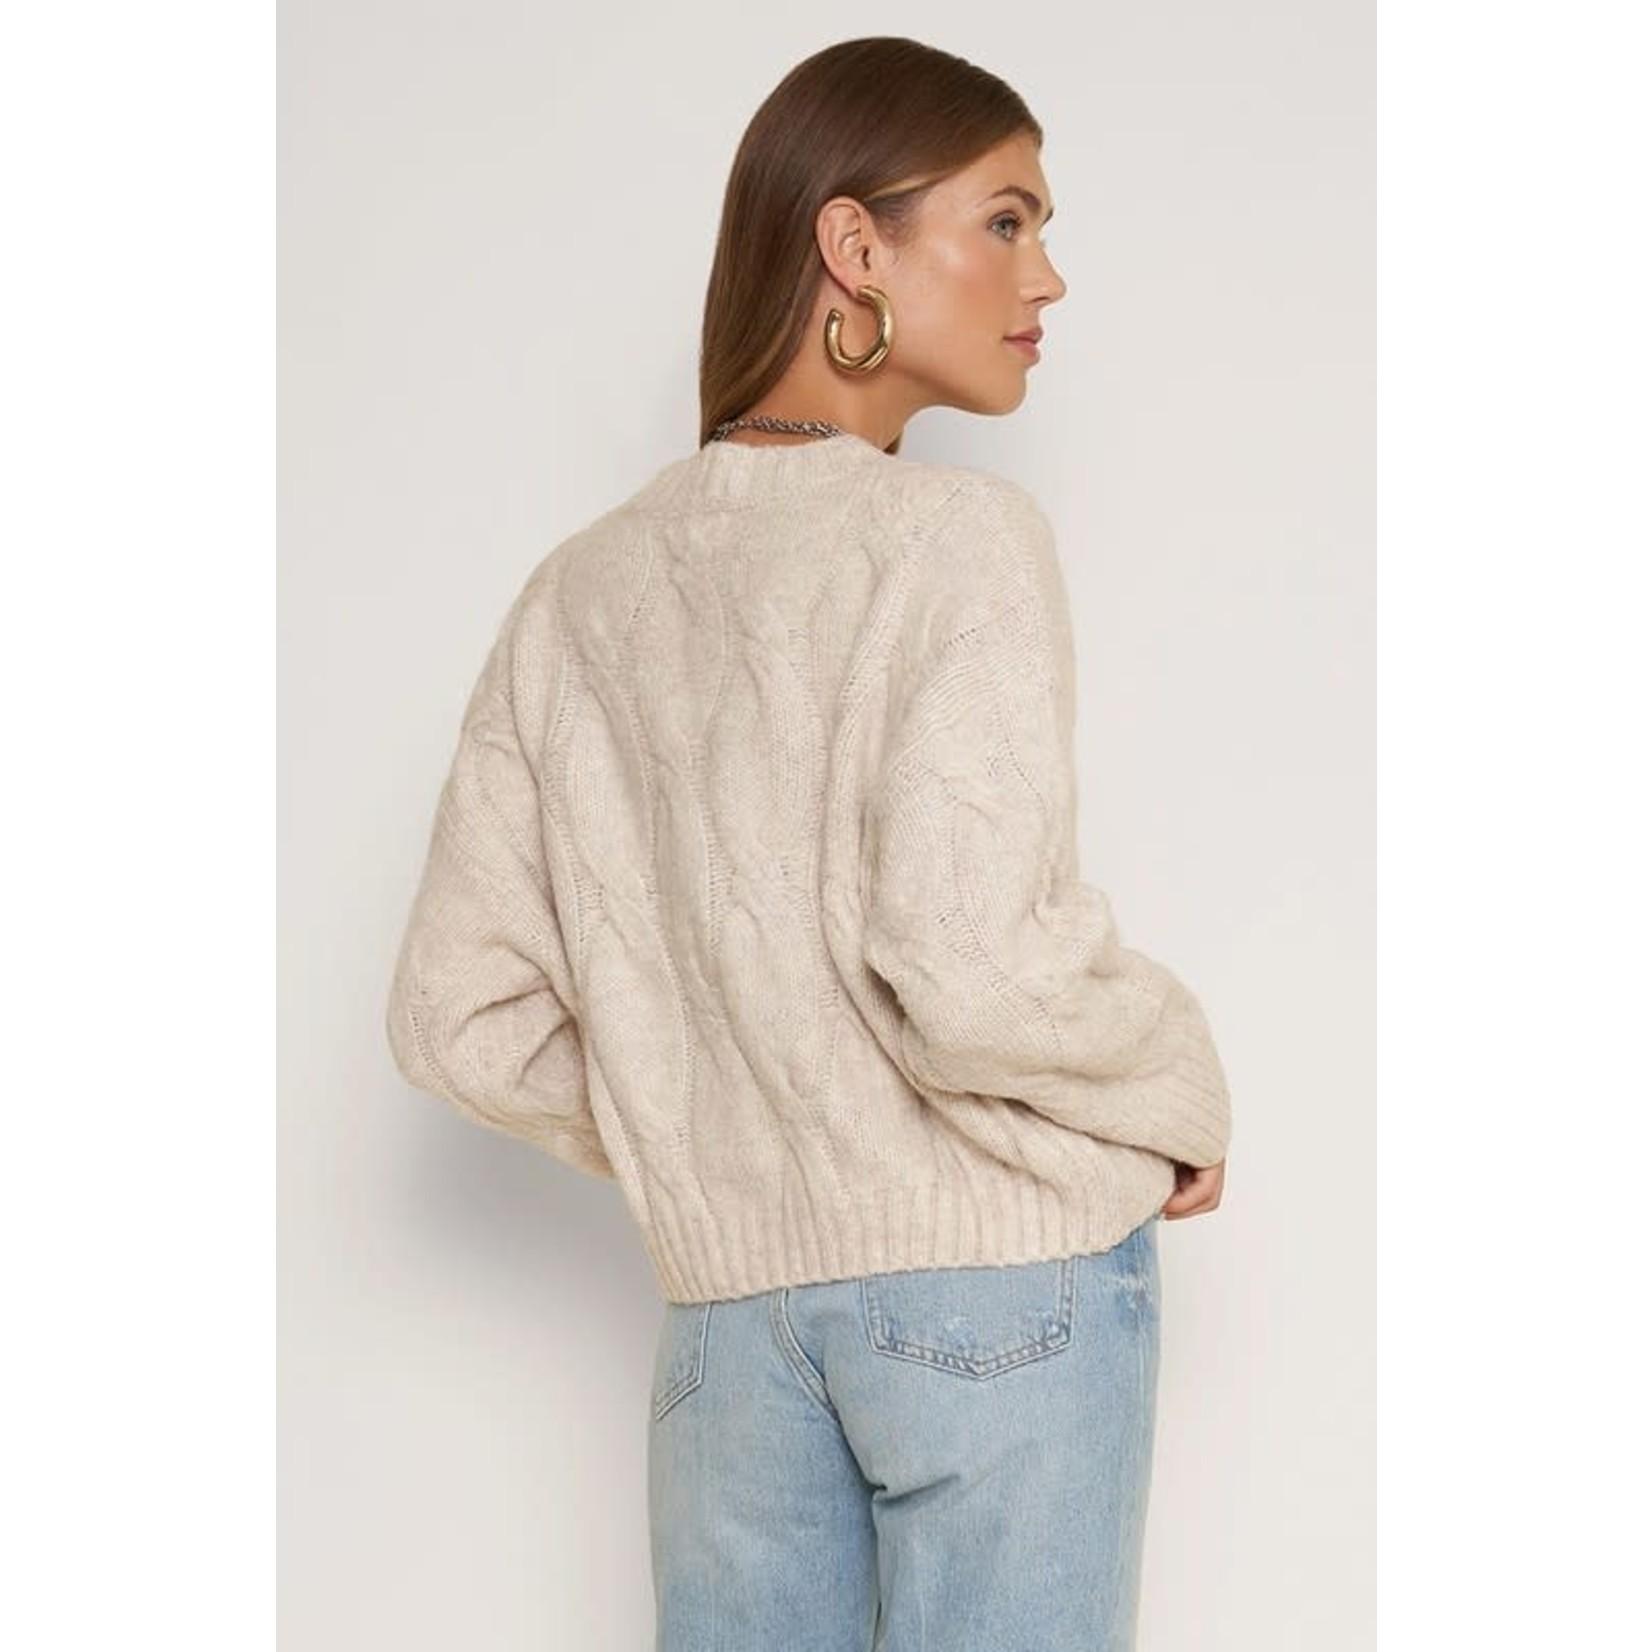 EM & ELLE Surrey Cable Knit Sweater